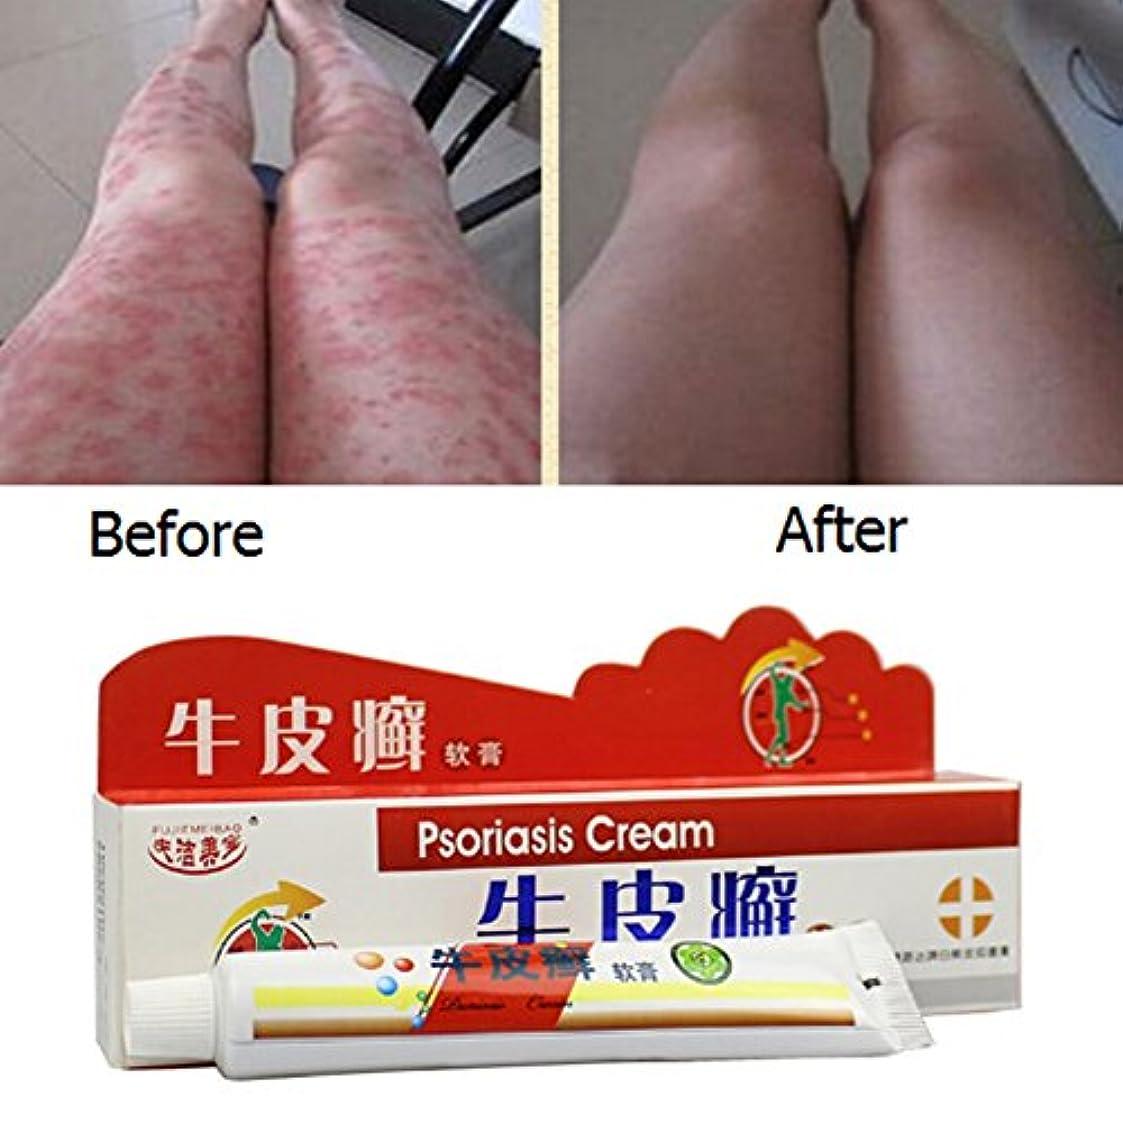 チャーター無駄八百屋Balai 乾癬クリーム 中国のハーブ抗菌軟膏クリーム 湿疹乾癬 治療かゆみ止めクリーム